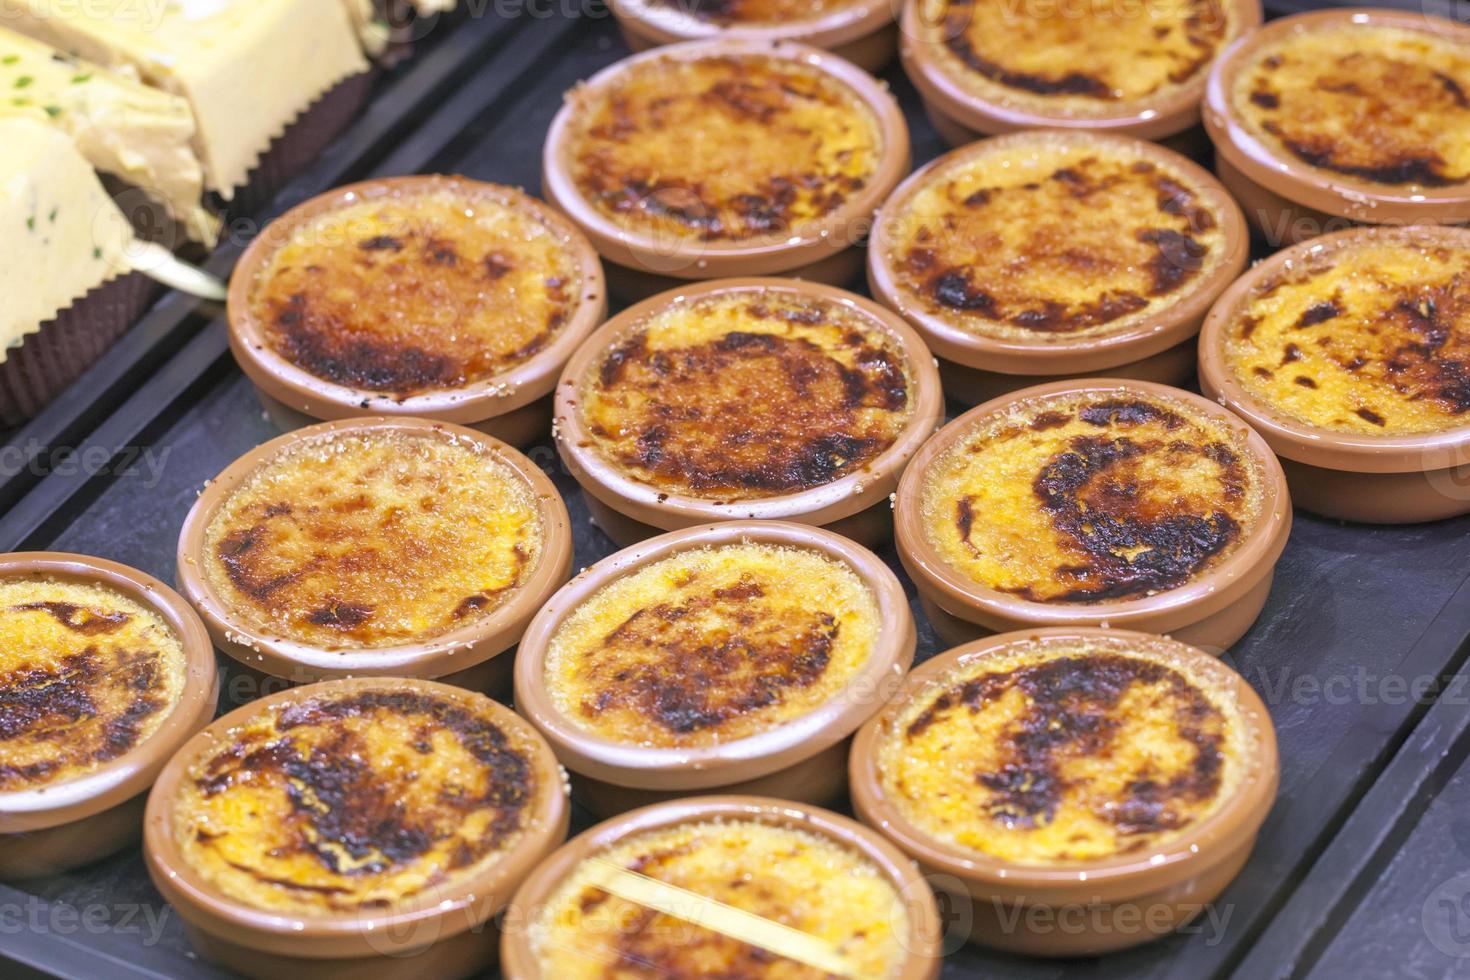 visning av creme brulees på bageriet foto